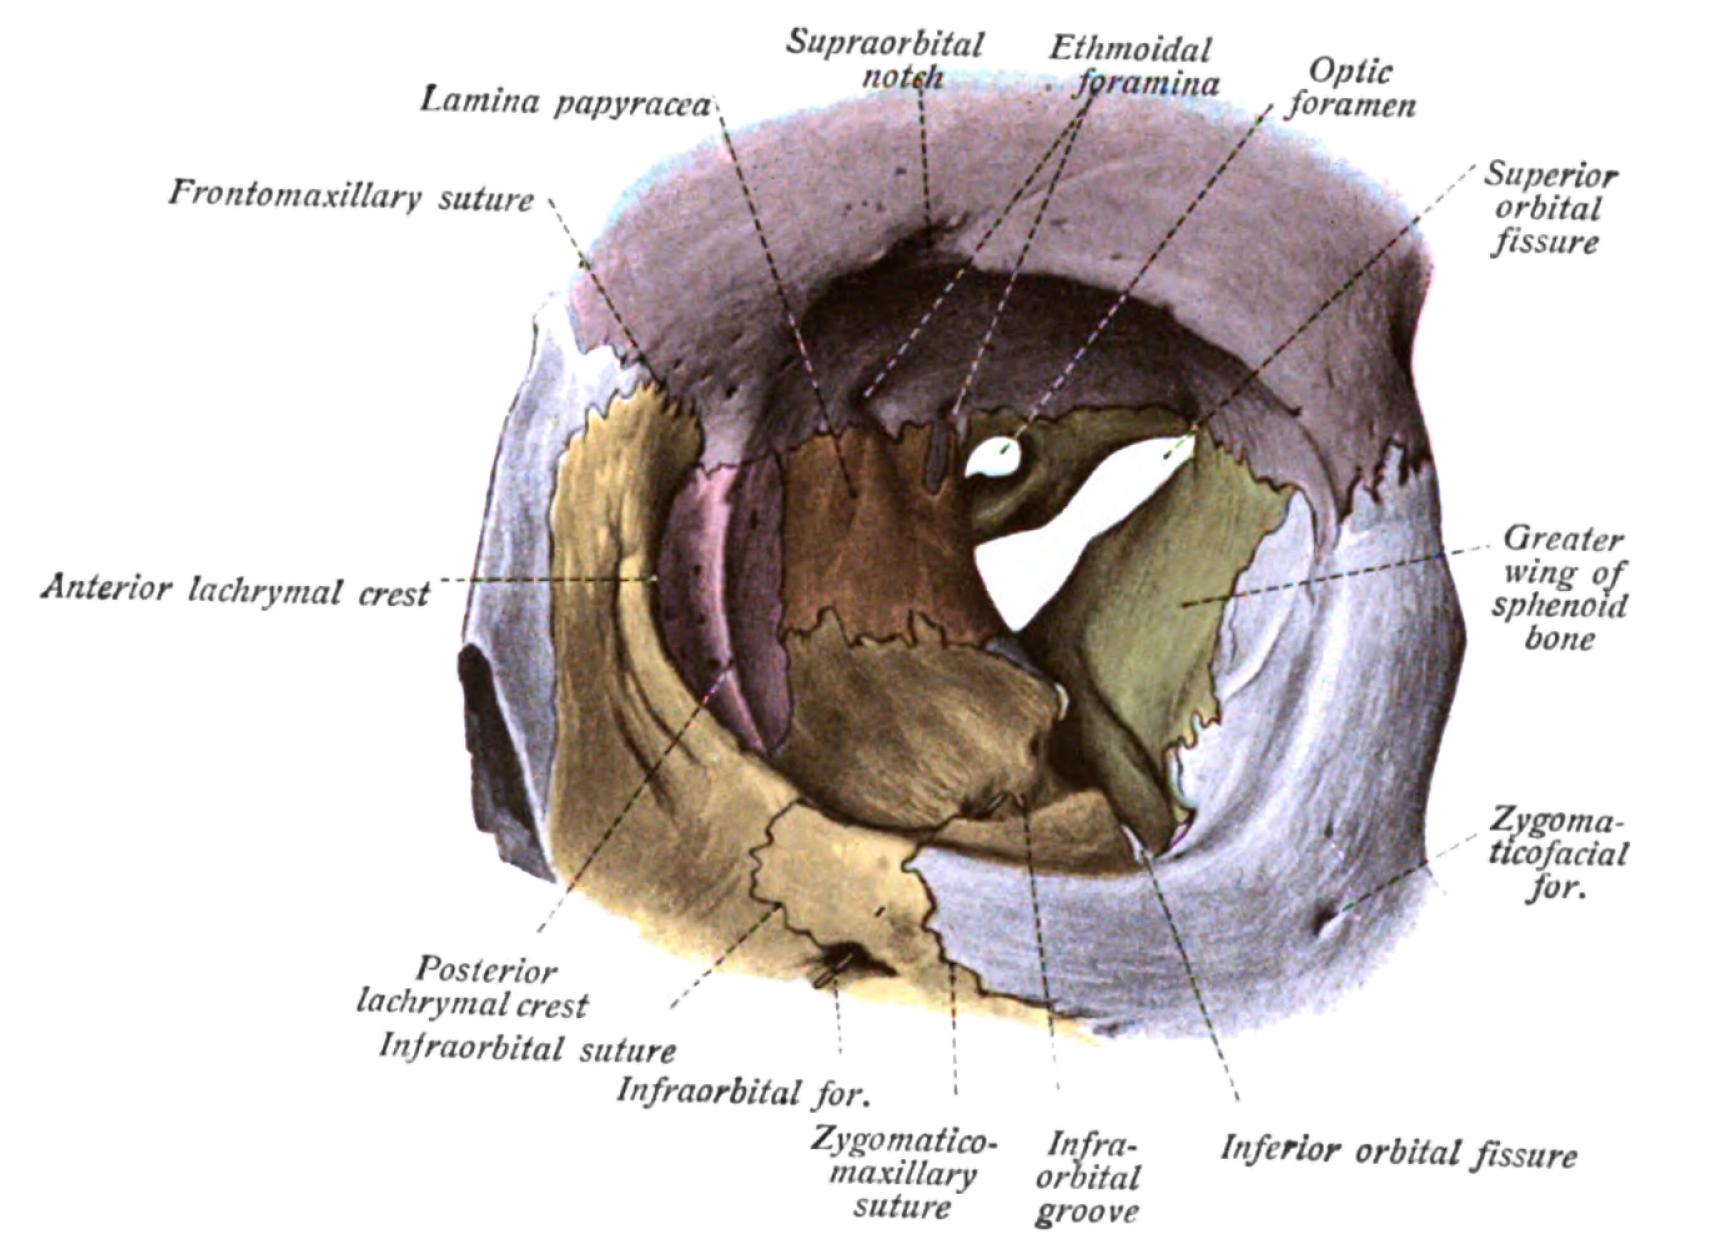 superior orbital fissure - wikipedia